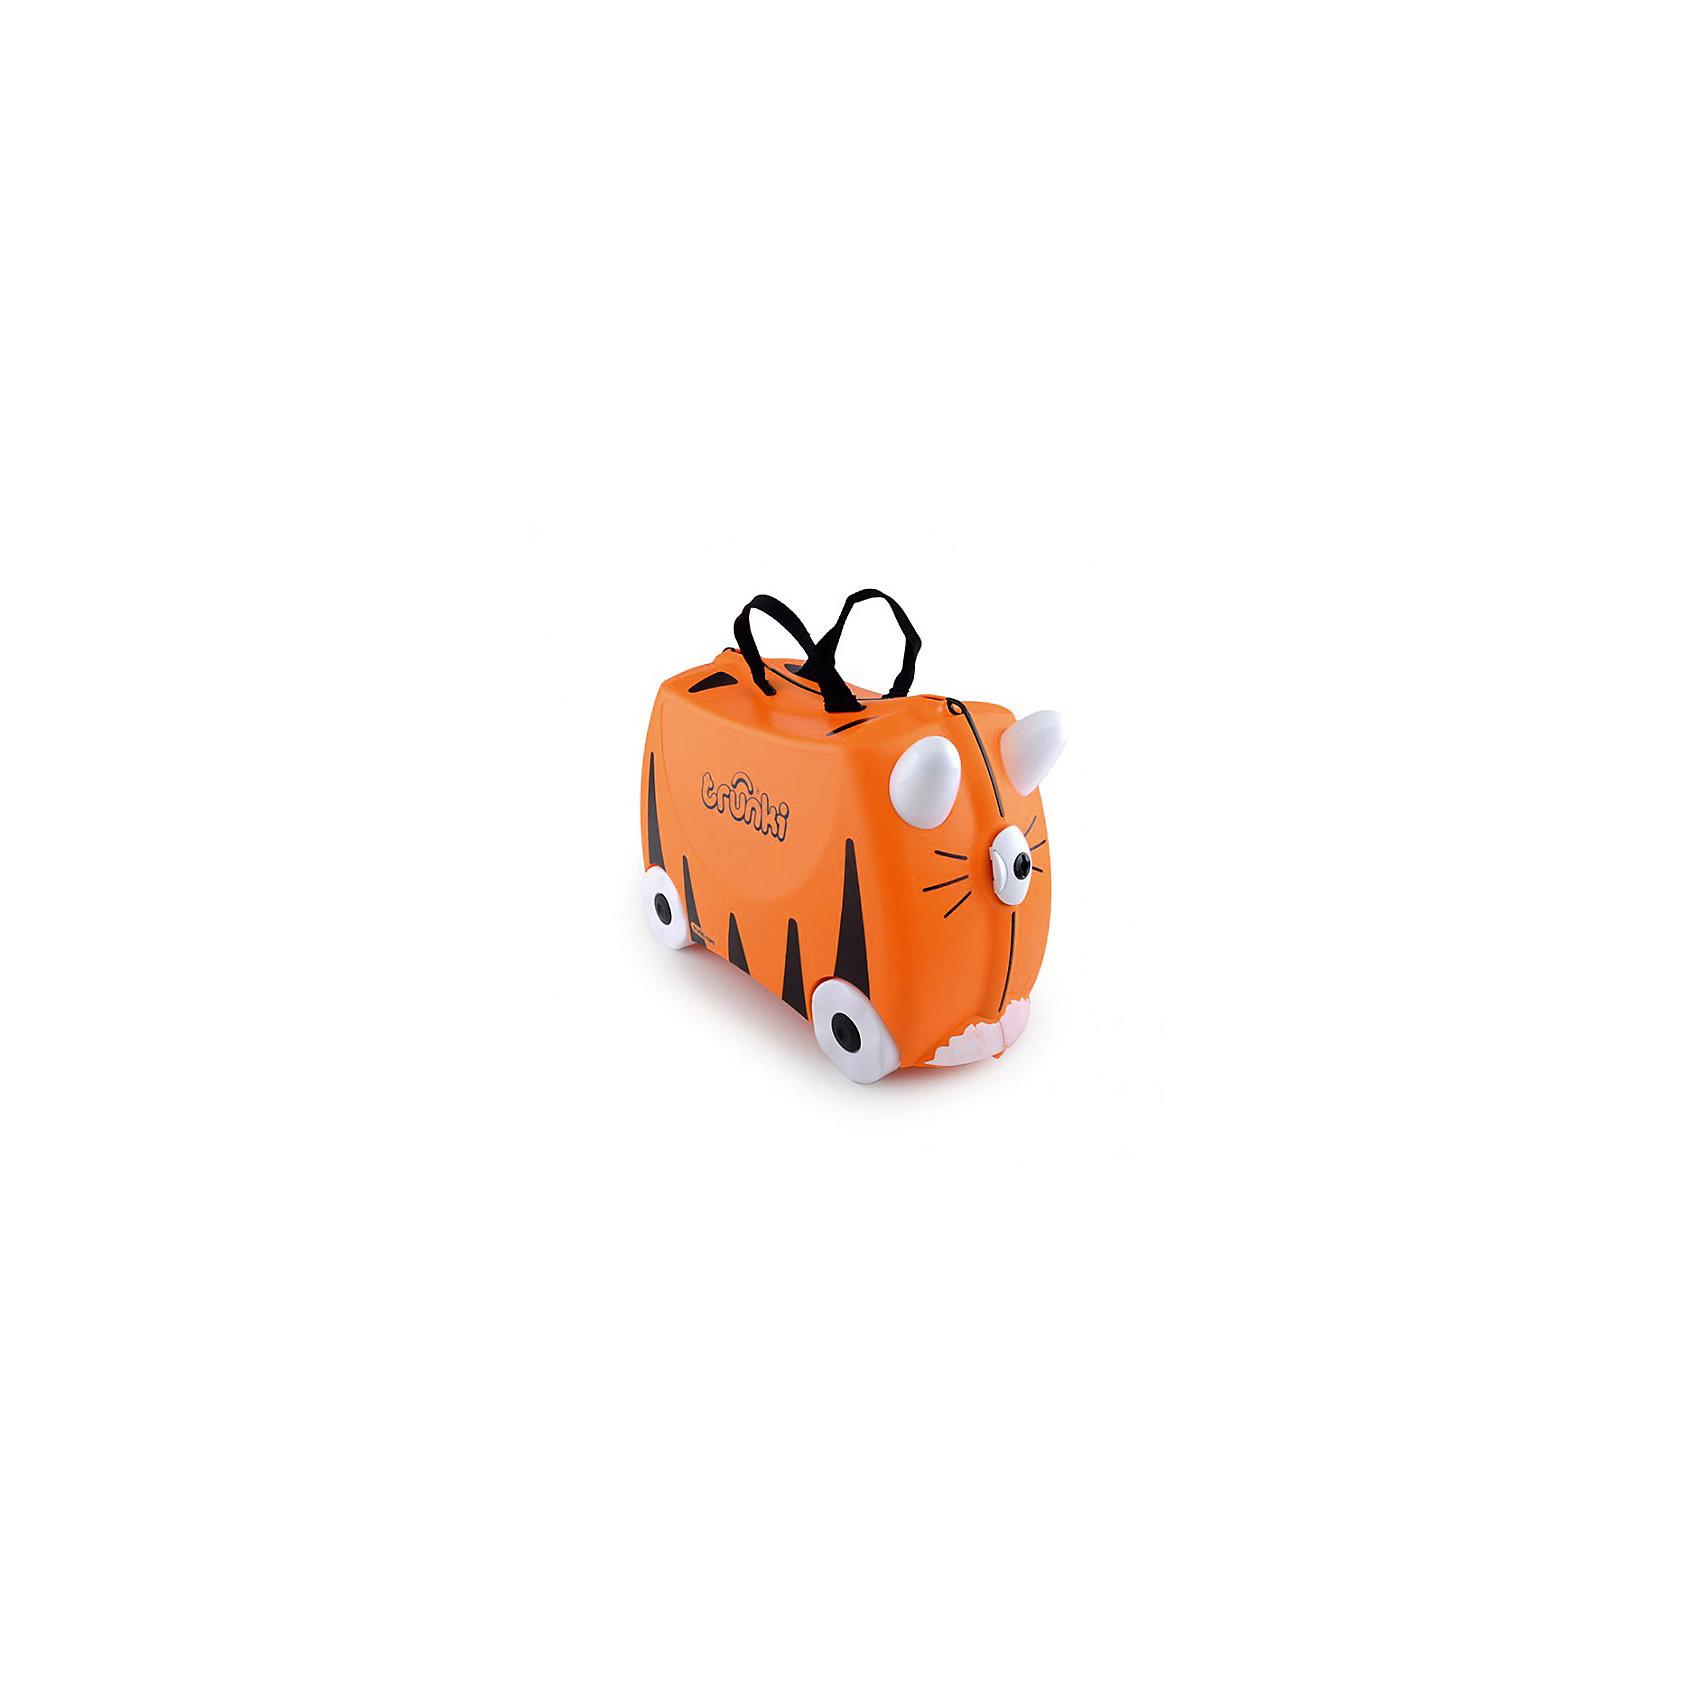 Чемодан на колесиках ТигрЧемодан на колесиках Tipu Tiger - оригинальный детский чемодан в виде тигра. В него ребенок может сложить все свои вещи и игрушки, на него можно присесть в любой момент, его можно повозить за специальную ручку или же покататься на нем. Невероятно модный и стильный дорожный аксессуар без сомнения понравится любому ребенку. <br><br>Дополнительная информация:<br><br>- Материал: пластик, металл.<br>- Колеса: 4 шт.<br>- Размер: 31х21х46 см. <br>- Вместительность: 18 литров. <br>- Вес: 1,7 кг.<br>- Количество отделений: 2.<br>- Цвет: оранжевый.<br>- Максимальный вес: 45 кг. <br><br>Чемодан на колесиках Тигр от trunki (Транки) можно купить в нашем магазине.<br><br>Ширина мм: 480<br>Глубина мм: 350<br>Высота мм: 240<br>Вес г: 2200<br>Возраст от месяцев: 36<br>Возраст до месяцев: 72<br>Пол: Унисекс<br>Возраст: Детский<br>SKU: 1857775